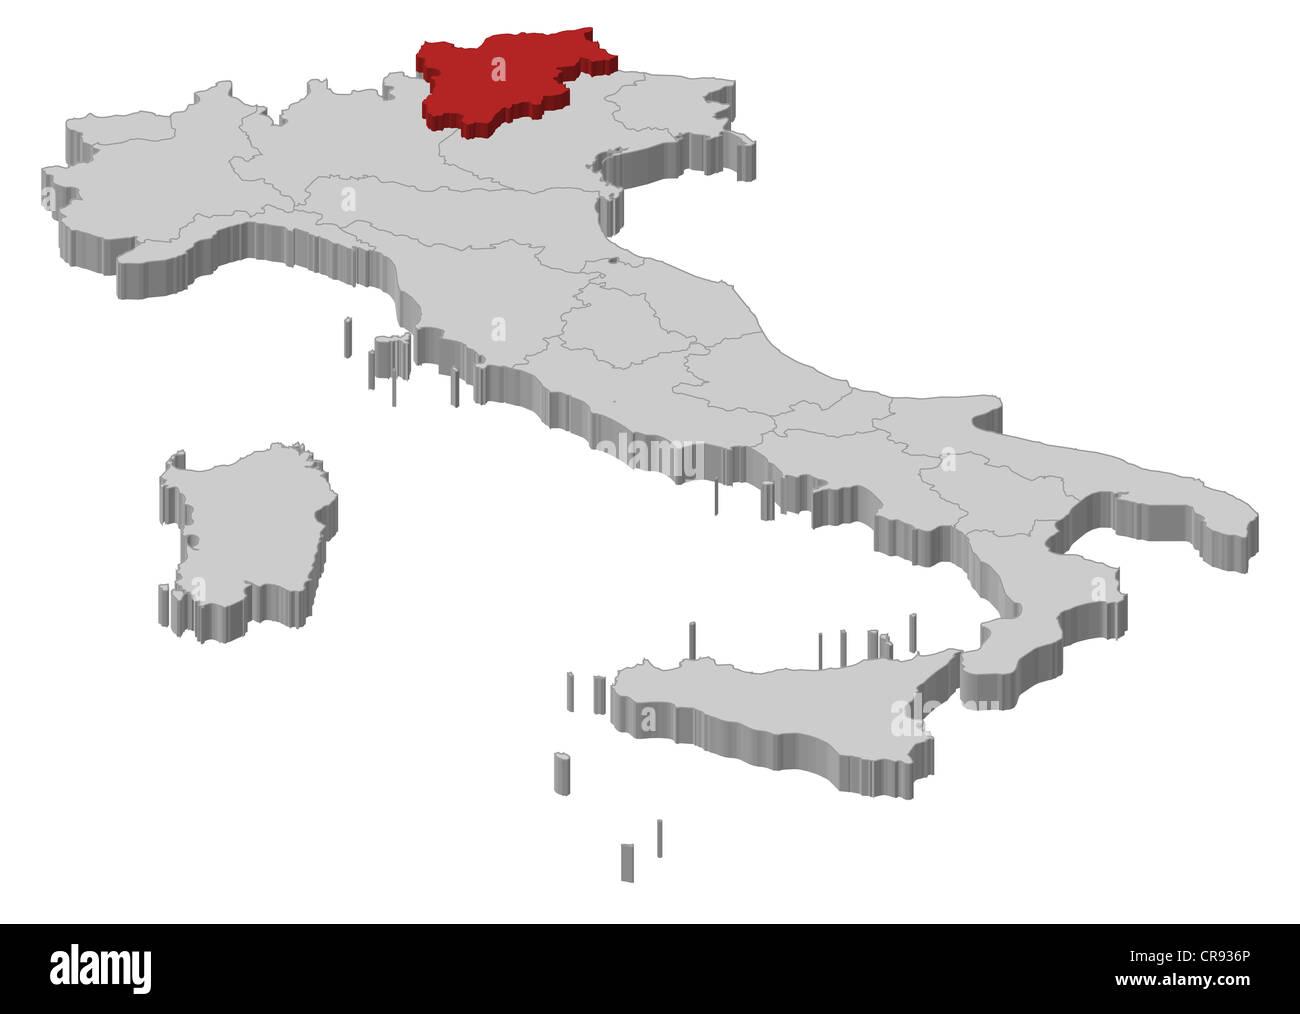 Cartina Italia Trentino Alto Adige.Mappa Politica Dell Italia Con Le Diverse Regioni Dove Il Trentino Alto Adige Sudtirol E Evidenziata Foto Stock Alamy